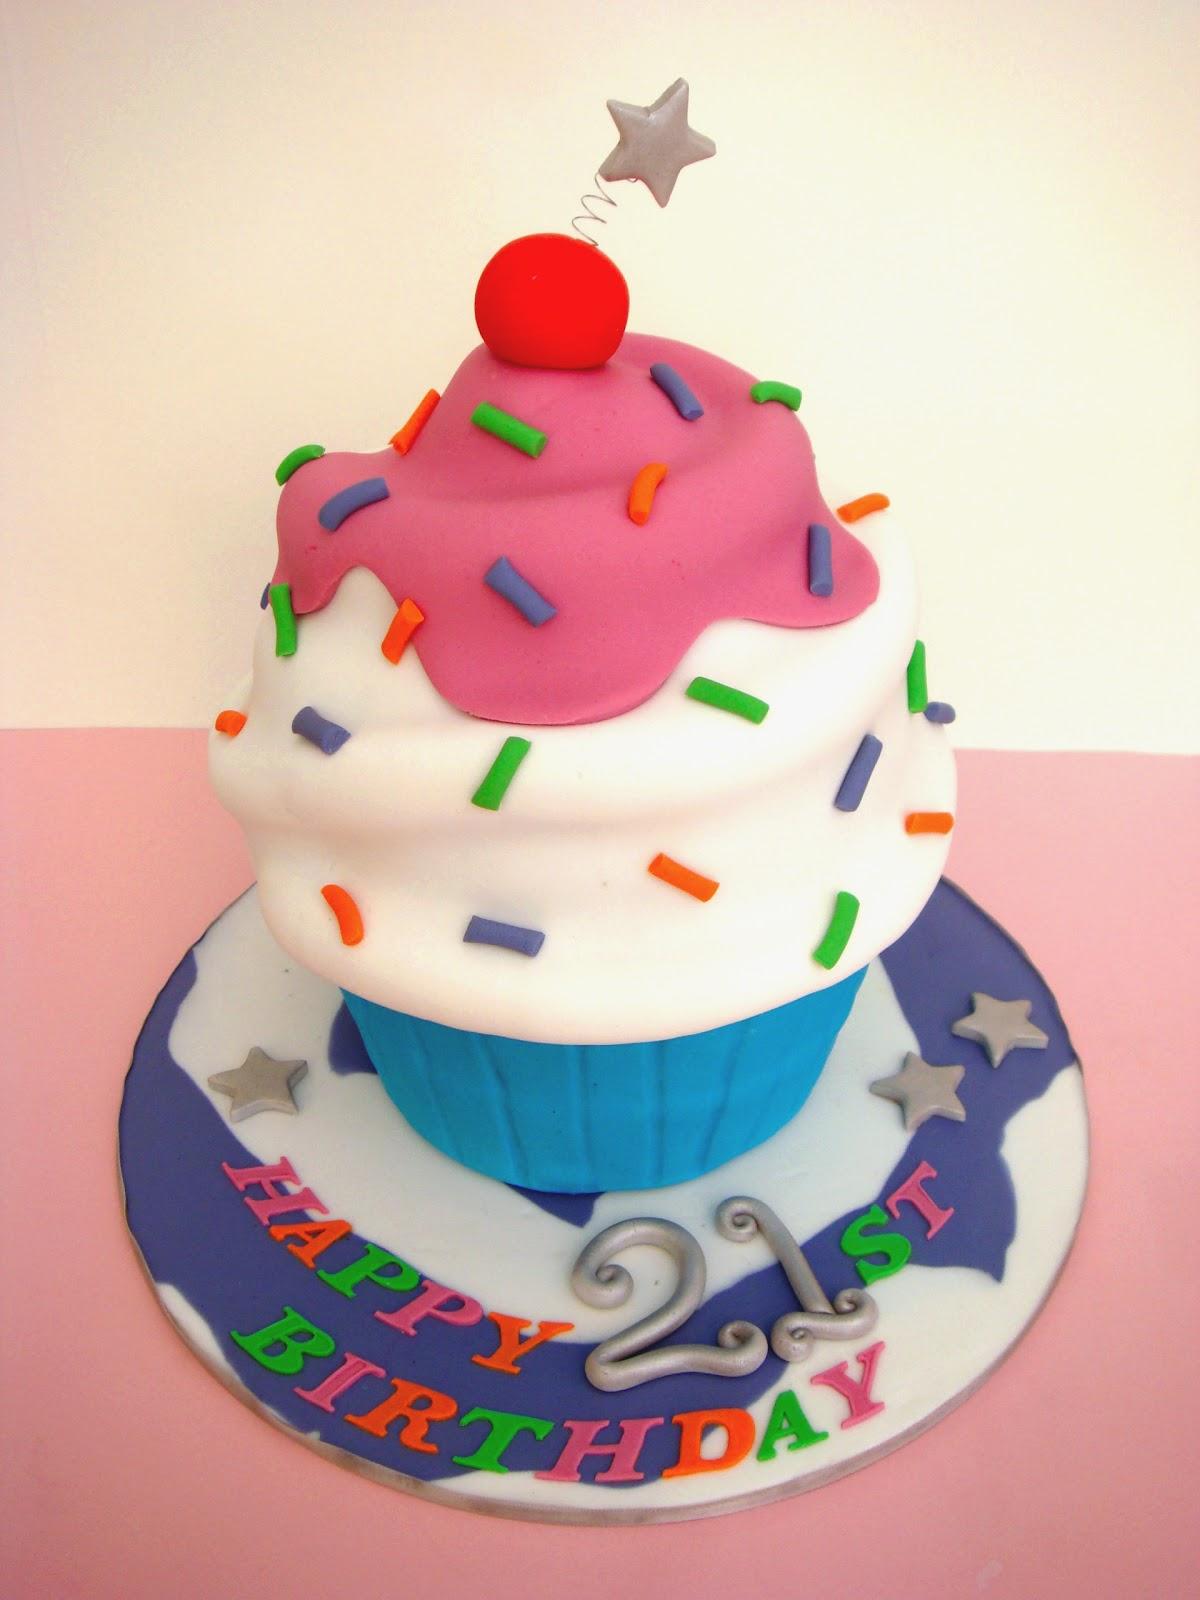 cupcake cake pan Photo